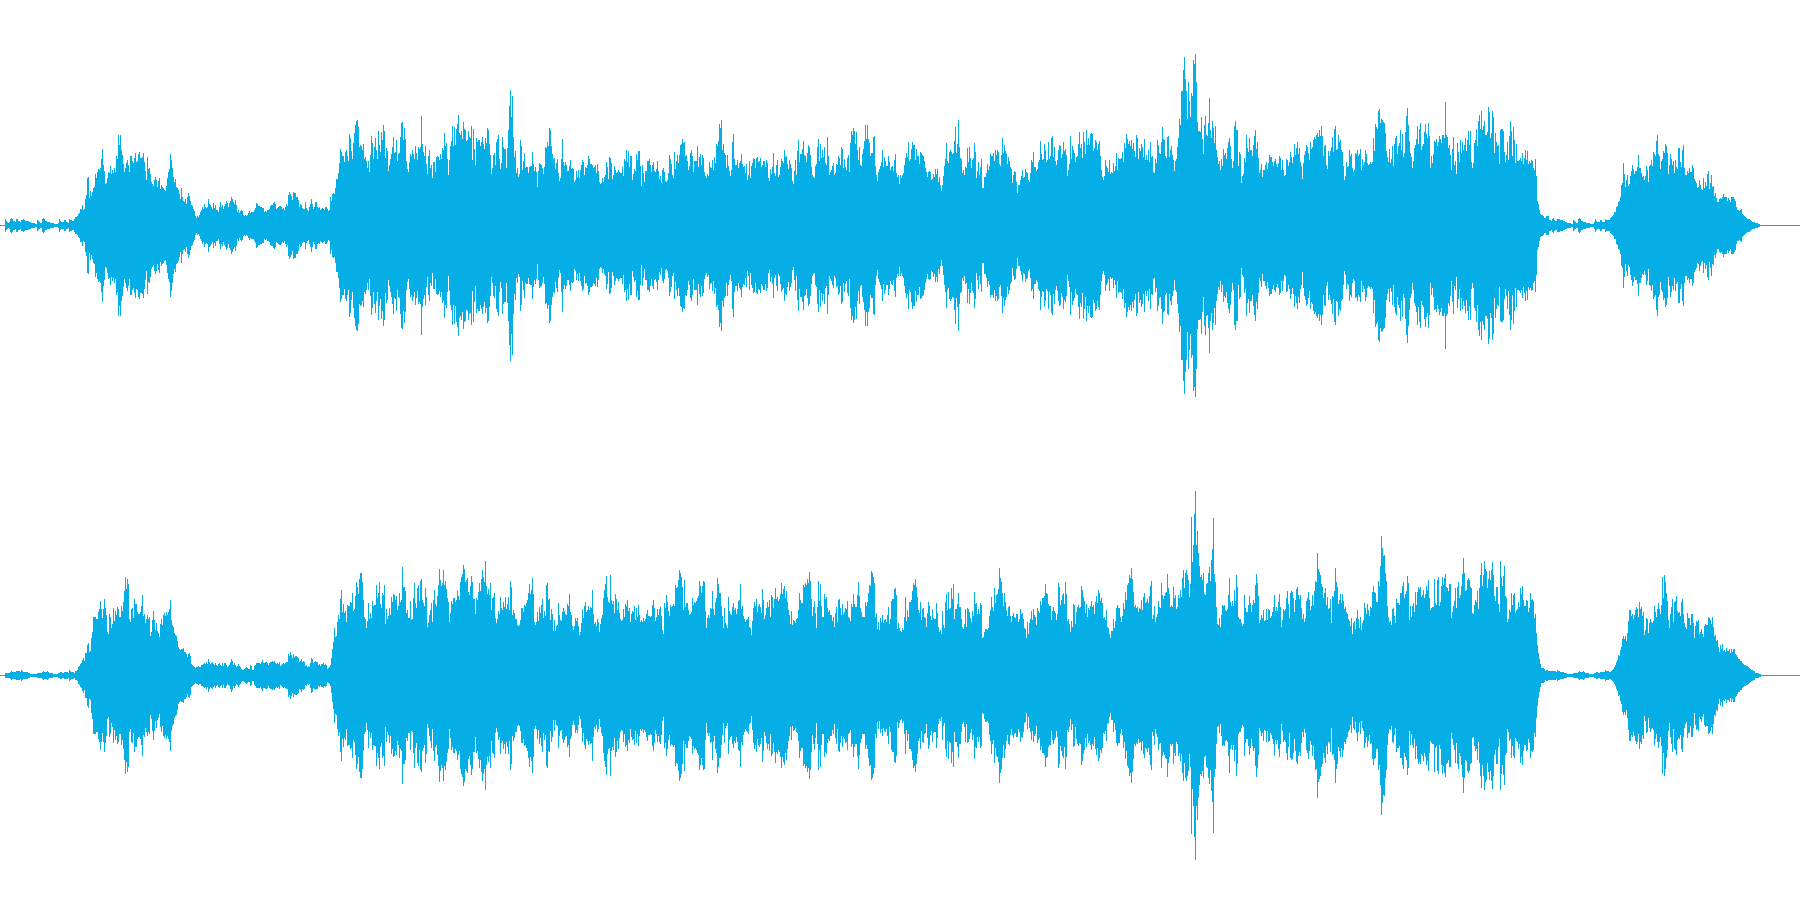 どこか切ないオーケストラの楽曲の再生済みの波形